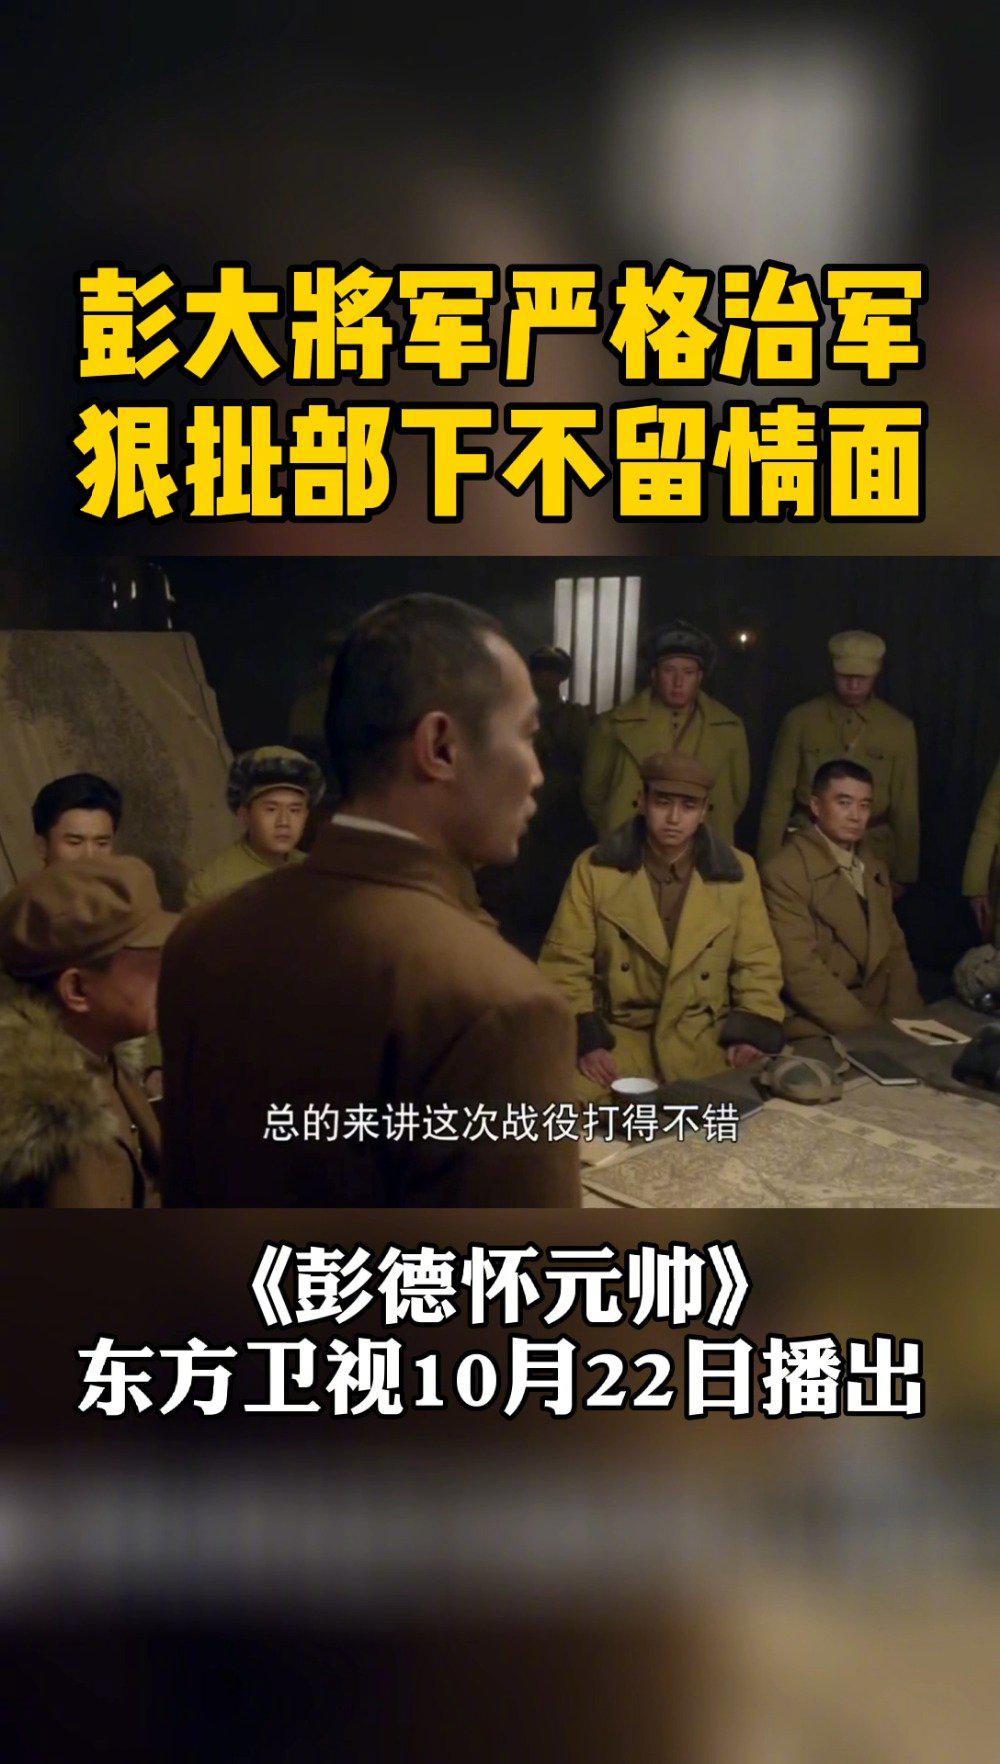 彭大将军严格治军,狠批部下不留情面